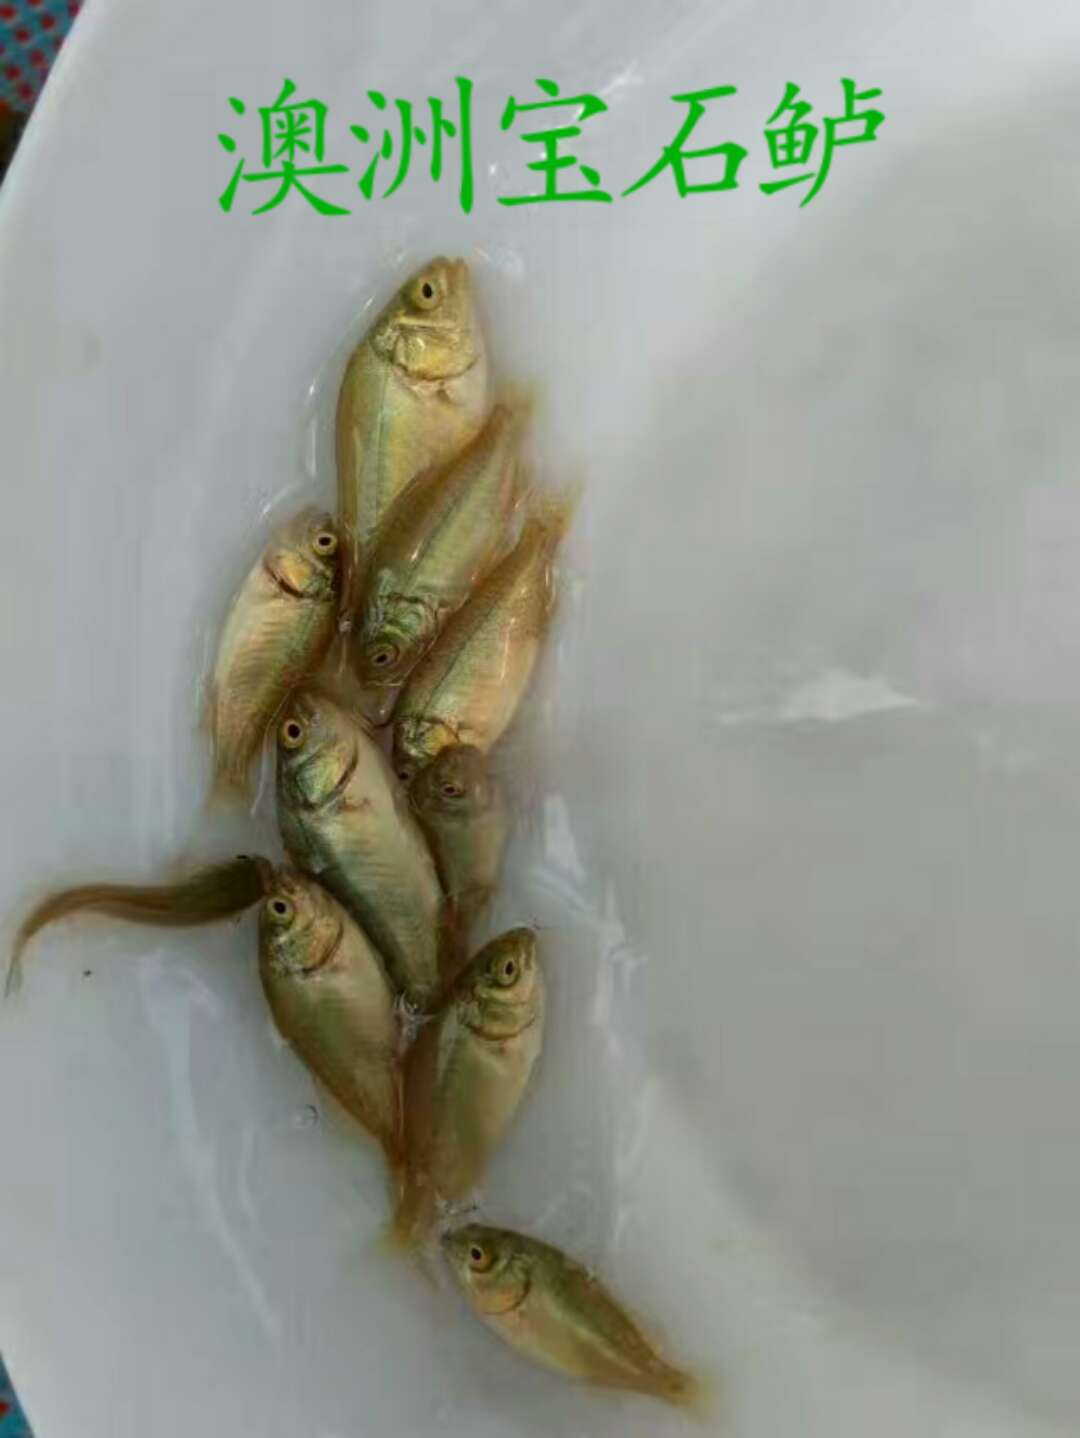 广州澳洲宝石鲈鱼养殖场地  澳洲宝石鲈鱼哪家好 澳洲宝石鲈鱼价格  澳洲宝石鲈鱼厂家直销   澳洲宝石鲈鱼批发